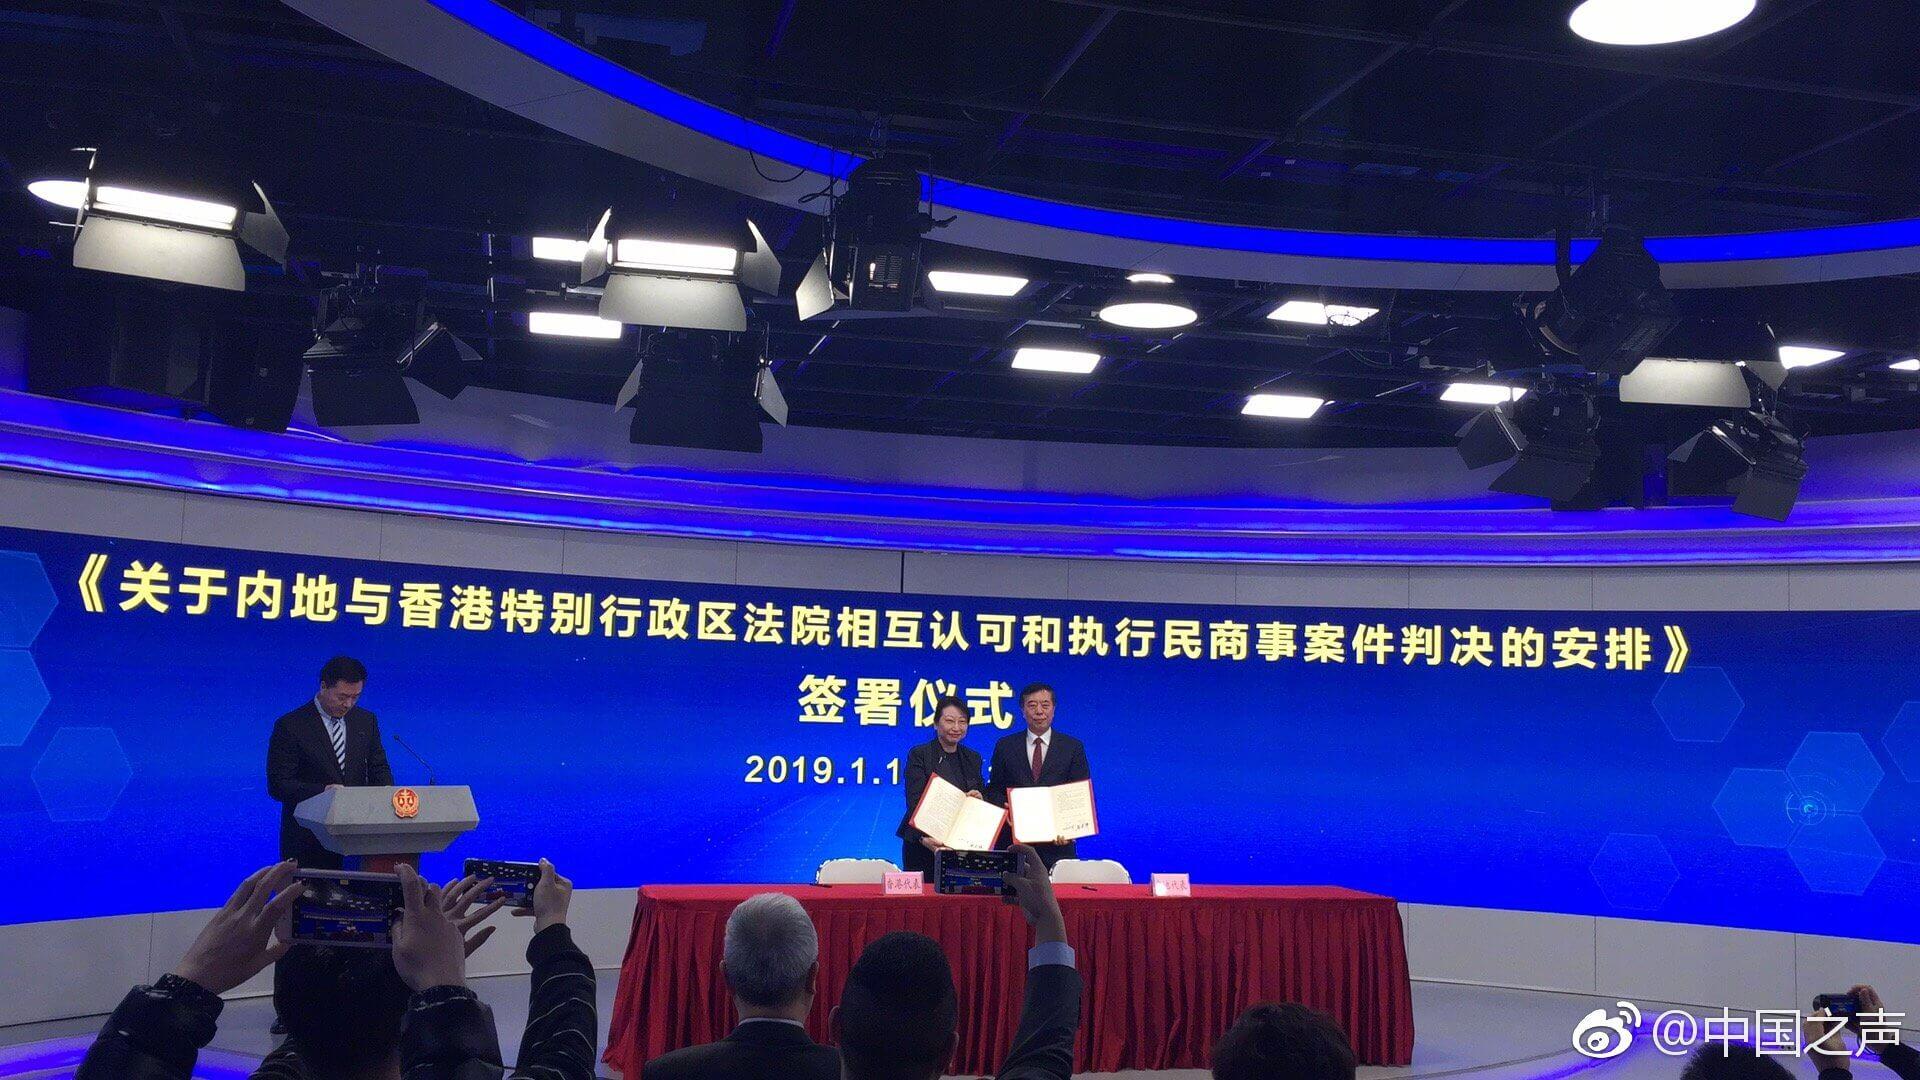 内地与香港特区今日签署相互认可和执行民商事案件判决安排(附全文)